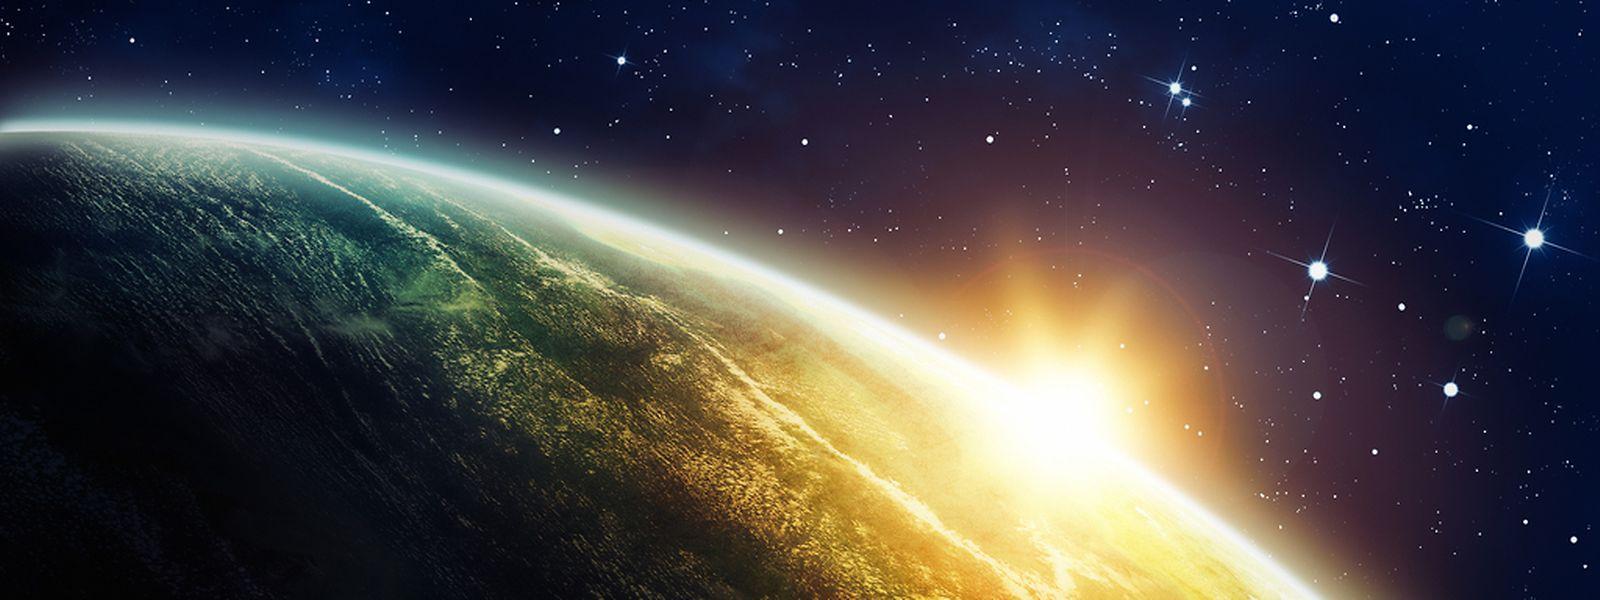 Die Raumfahrtminister der europäischen Weltraumorganisation Esa wollen an diesem Dienstag in Luxemburg über die Entwicklung einer Ariane-6 entscheiden, die von 2020 an ins All starten könnte.